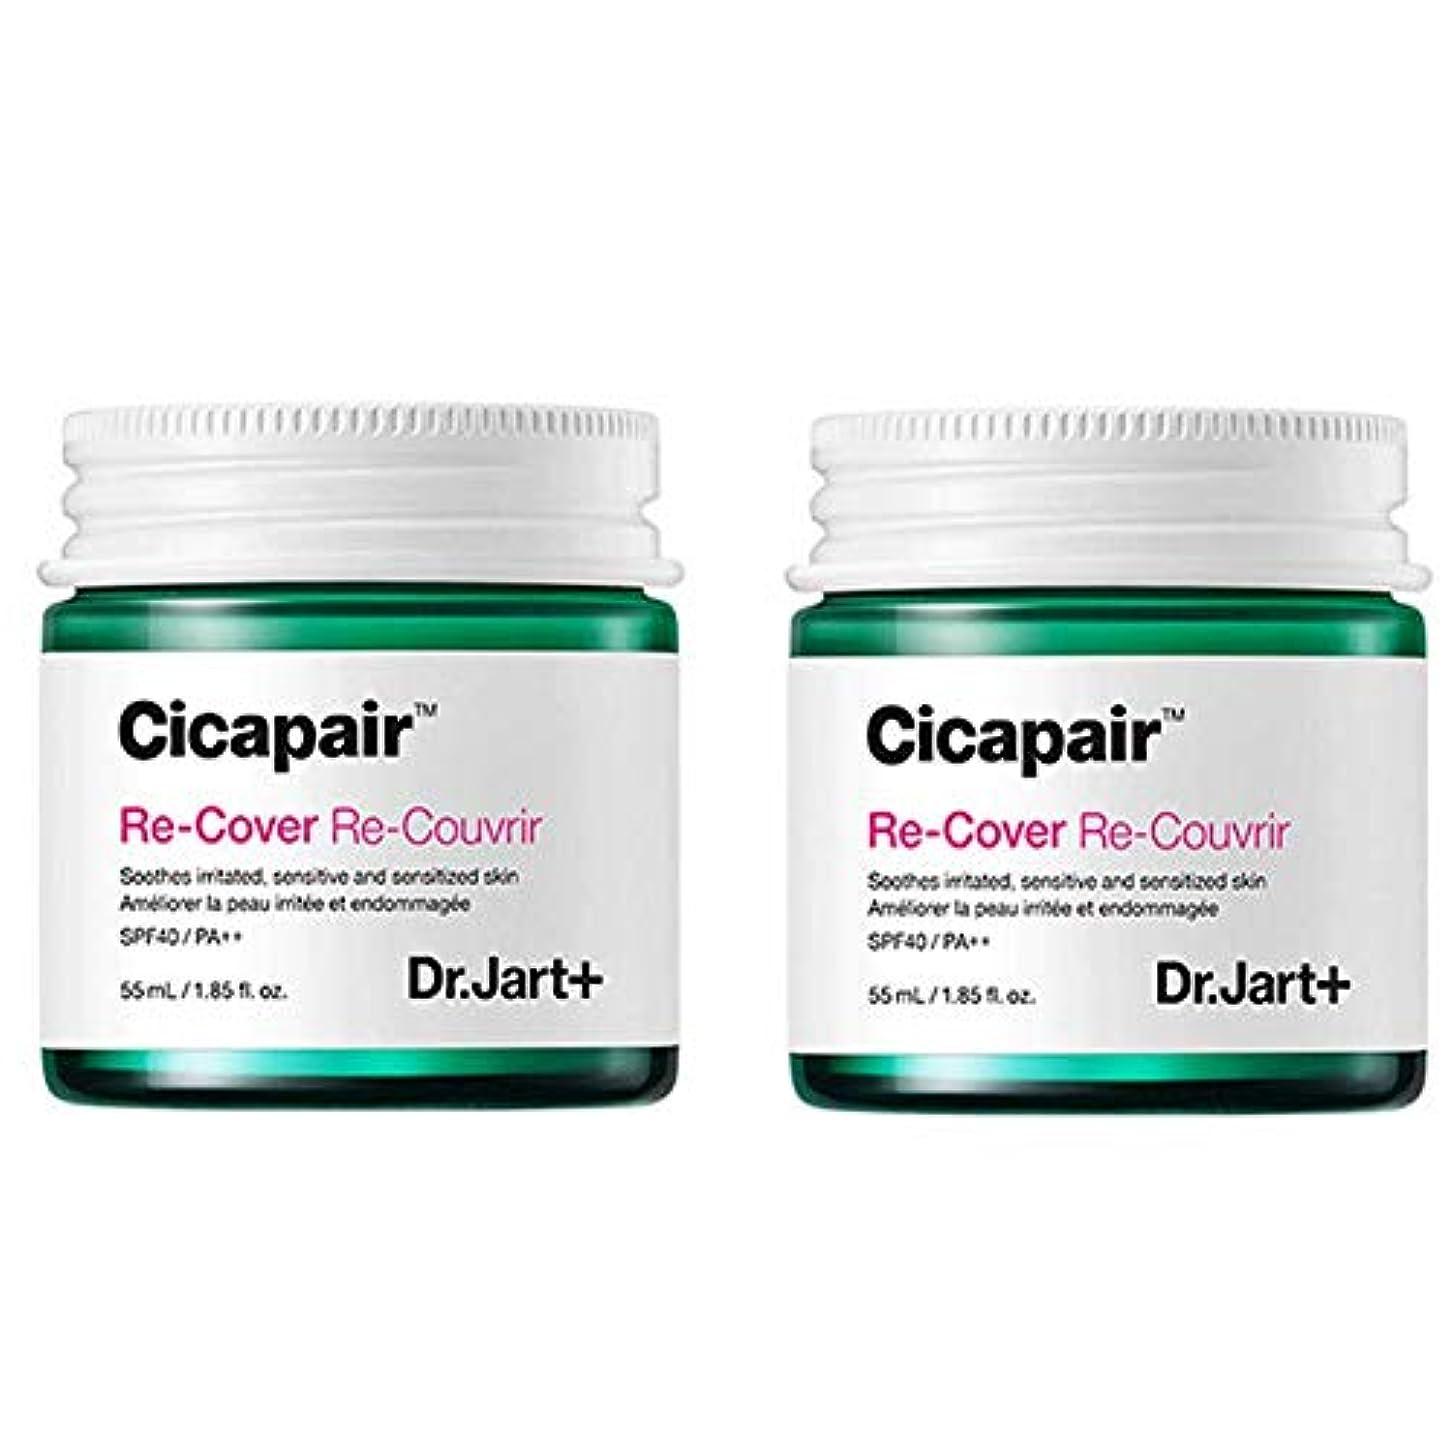 クラウン怖がらせる退屈Dr.Jart+ Cicapair ReCover X 2 ドクタージャルトシカペアリカバー X 2 (2代目)皮膚回復 紫外線カット 黄砂ケア [並行輸入品]